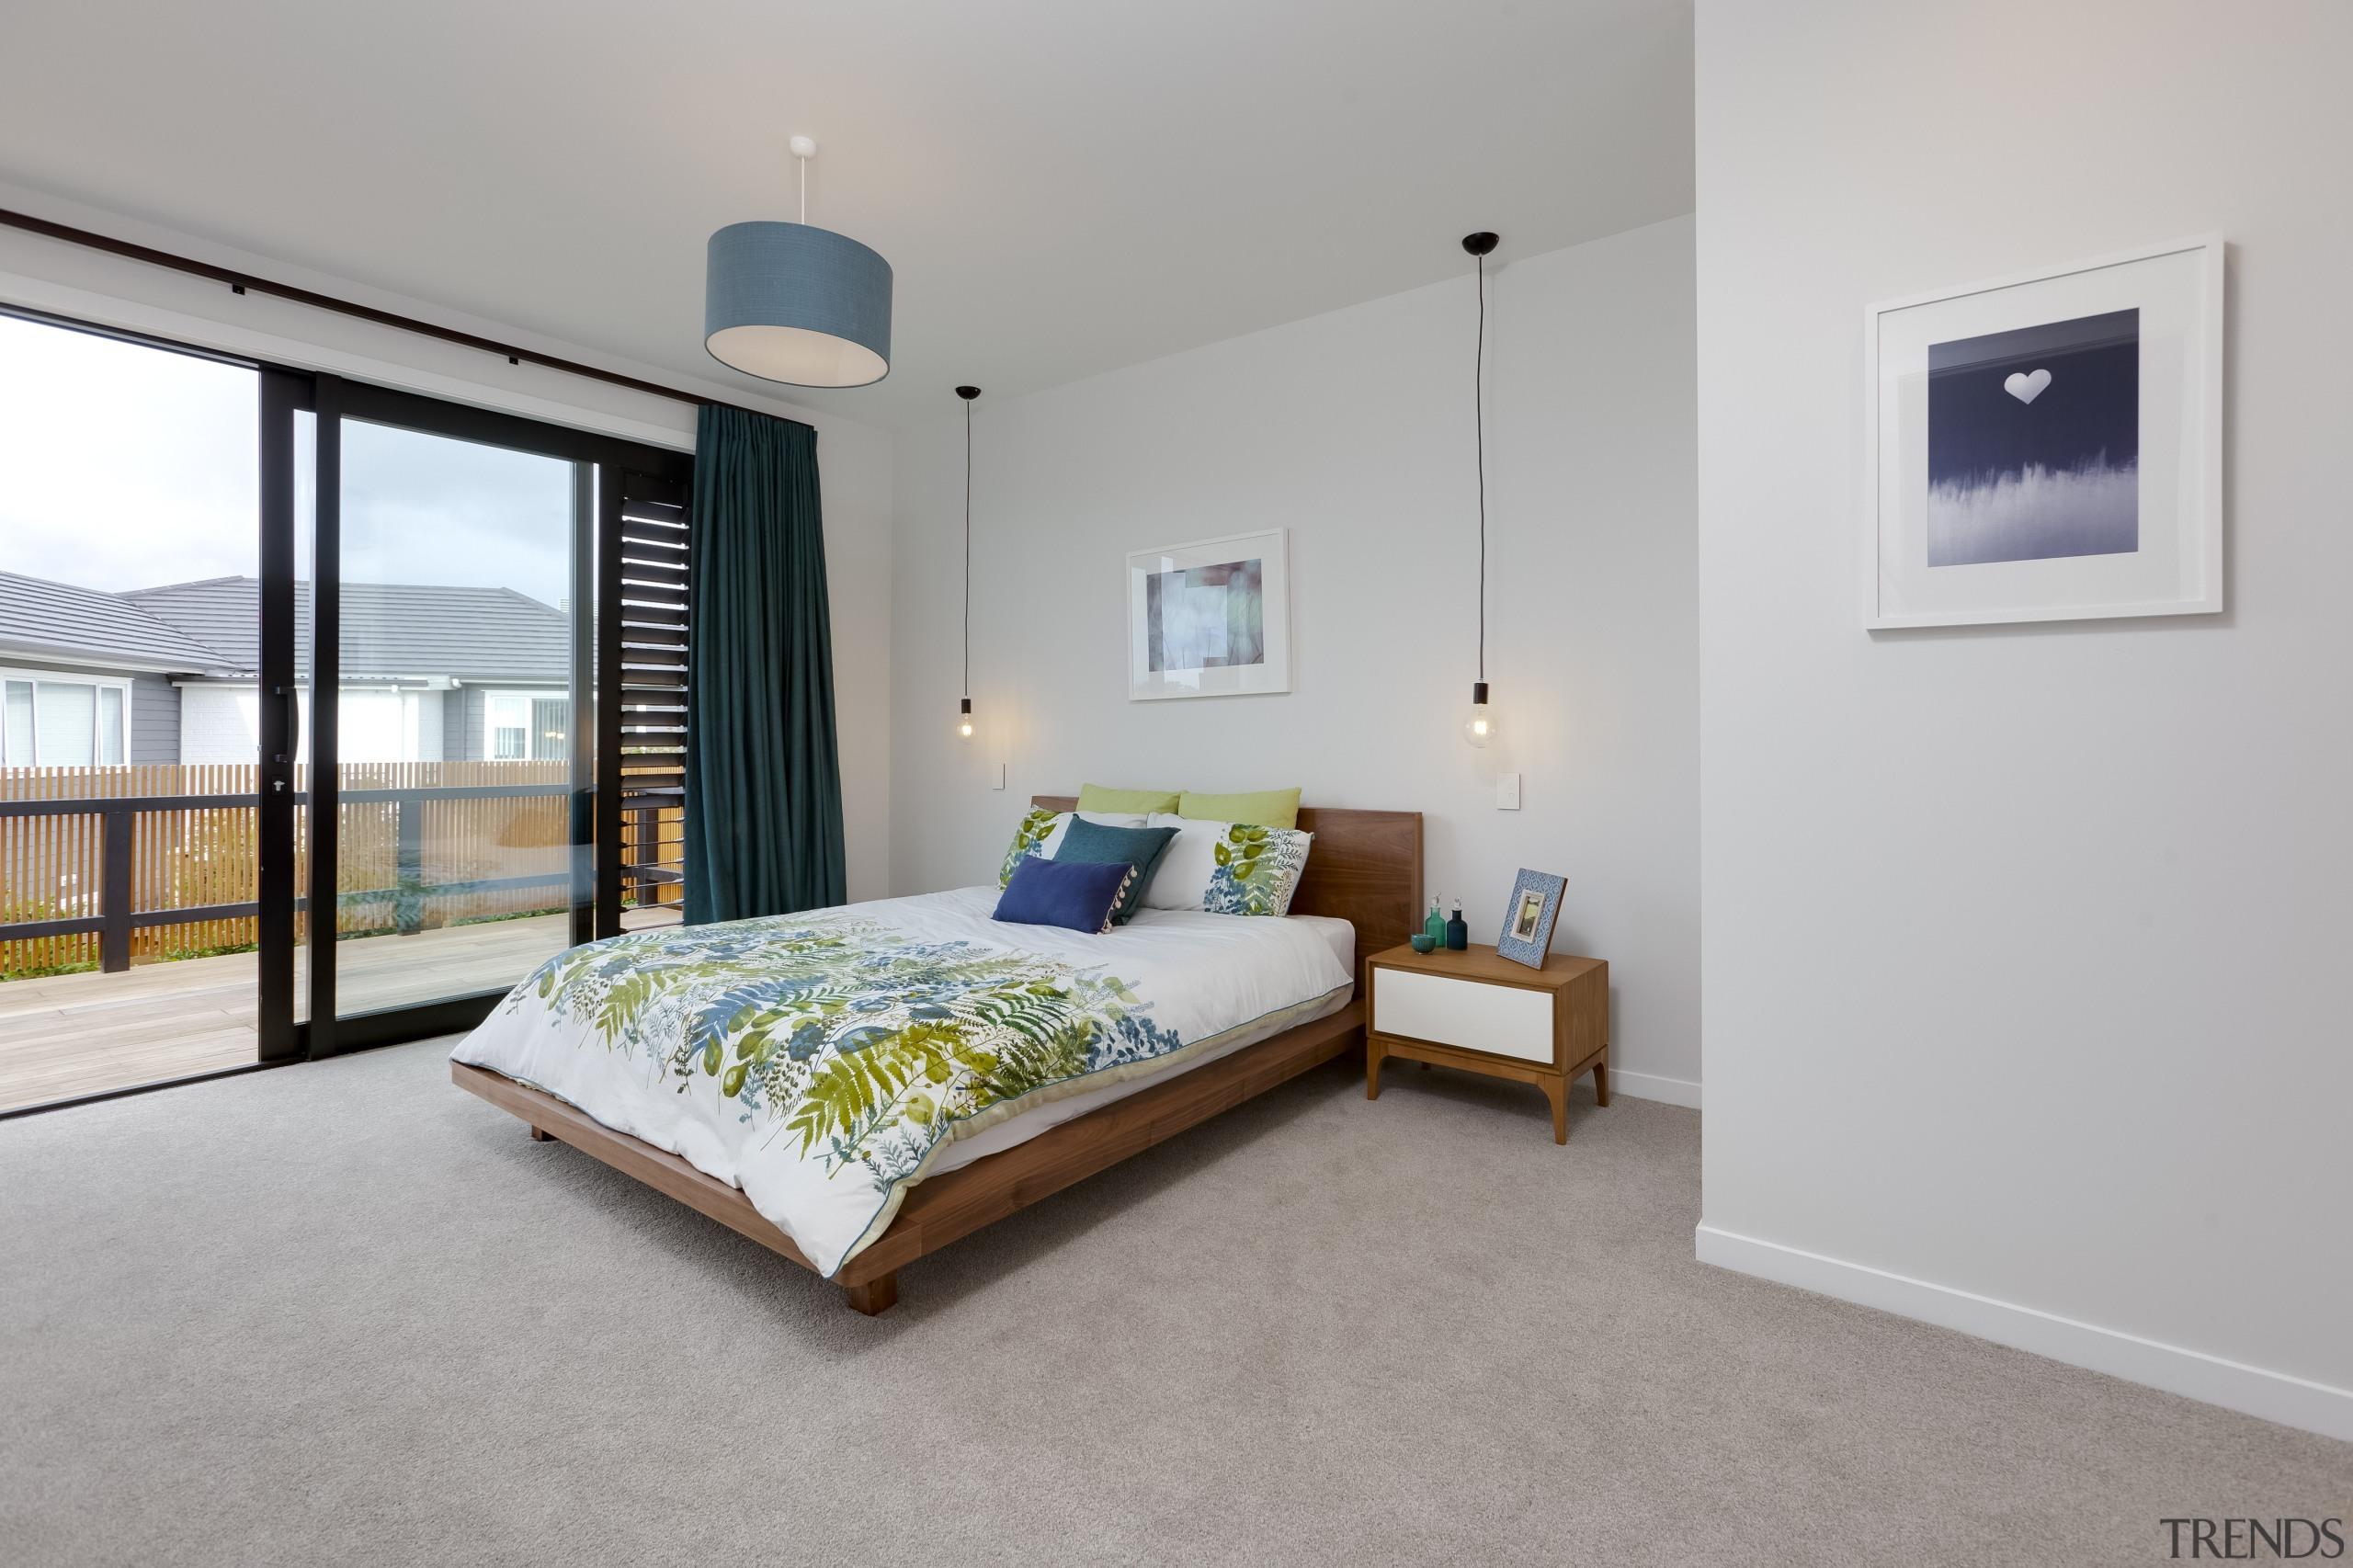 Landmark Homes Design & Build Master Bedroom - bed frame, bedroom, ceiling, estate, floor, home, interior design, property, real estate, room, window, gray